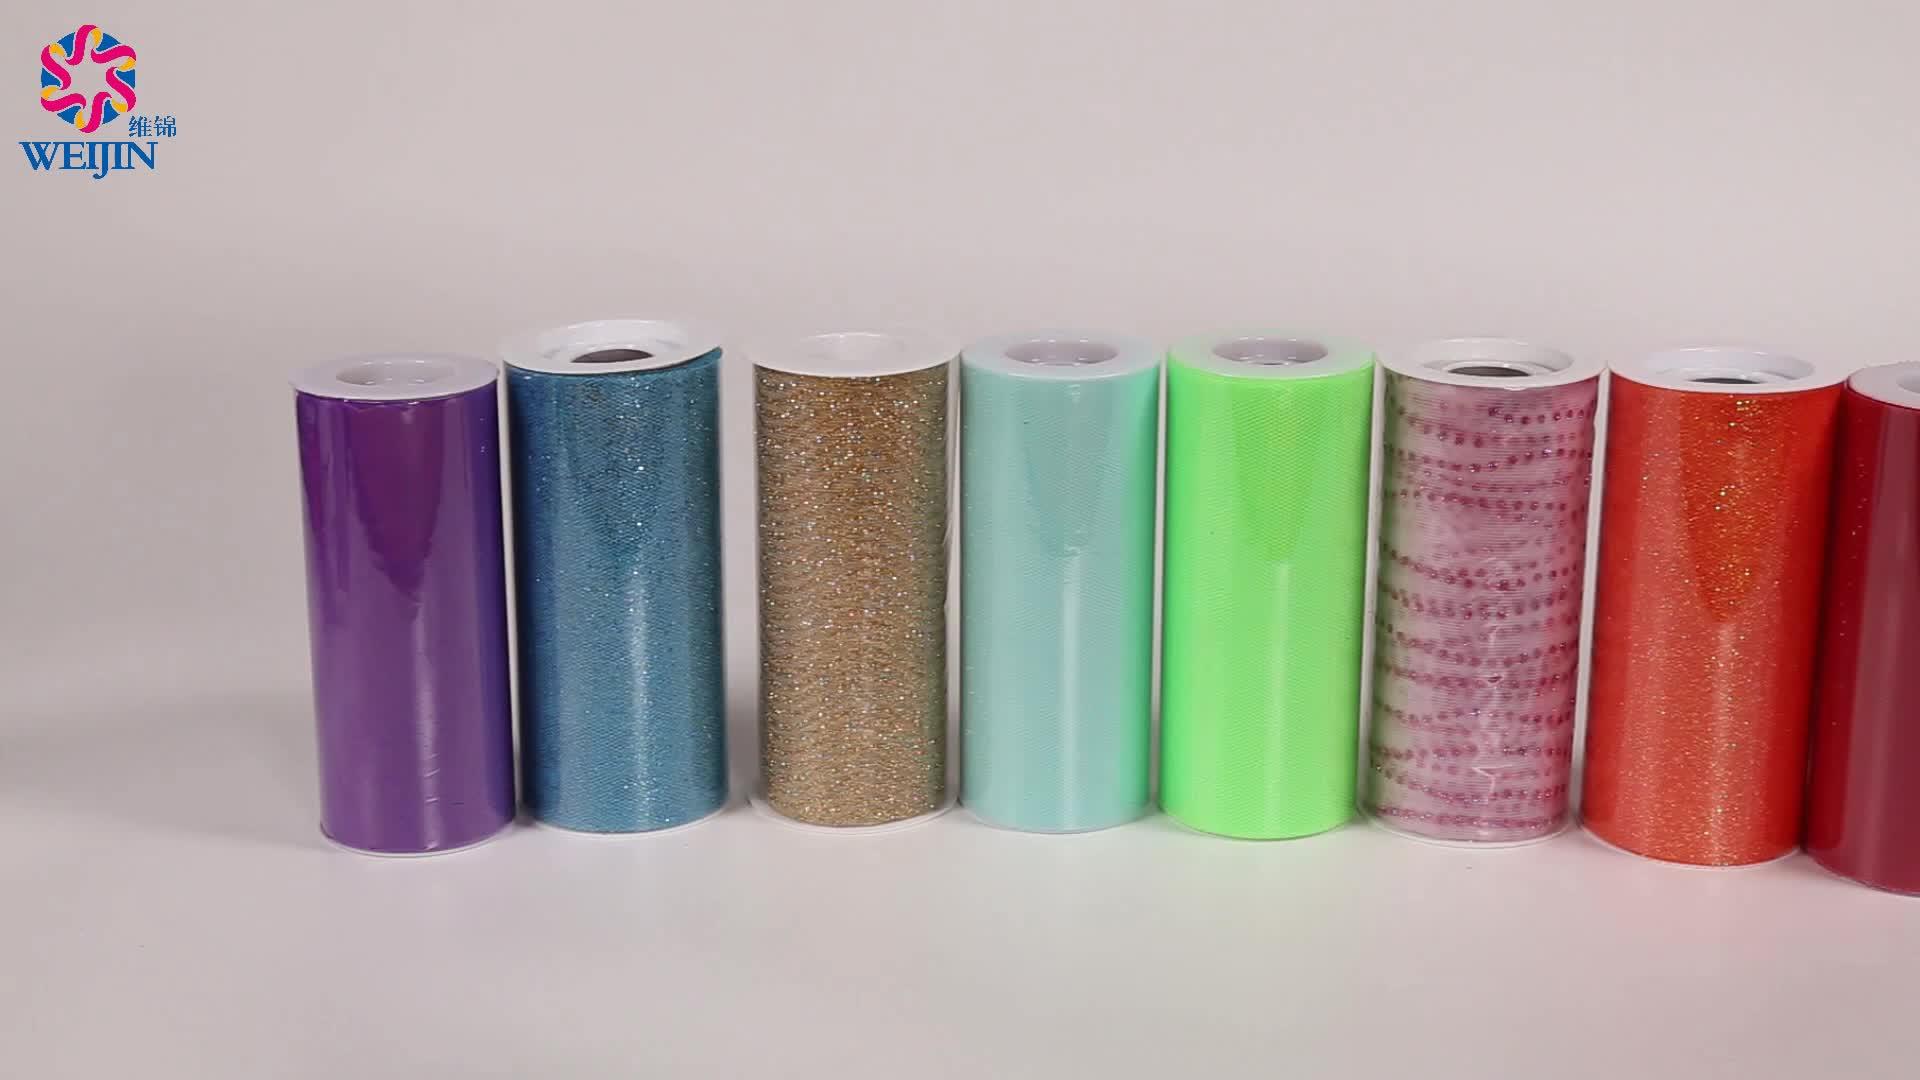 6 pouces Rouleau de Tulle 20 Verges Maille Tissu Mariage Décoration 100% Polyester Floqué Microfibre Tutu Rouleau de Tissu